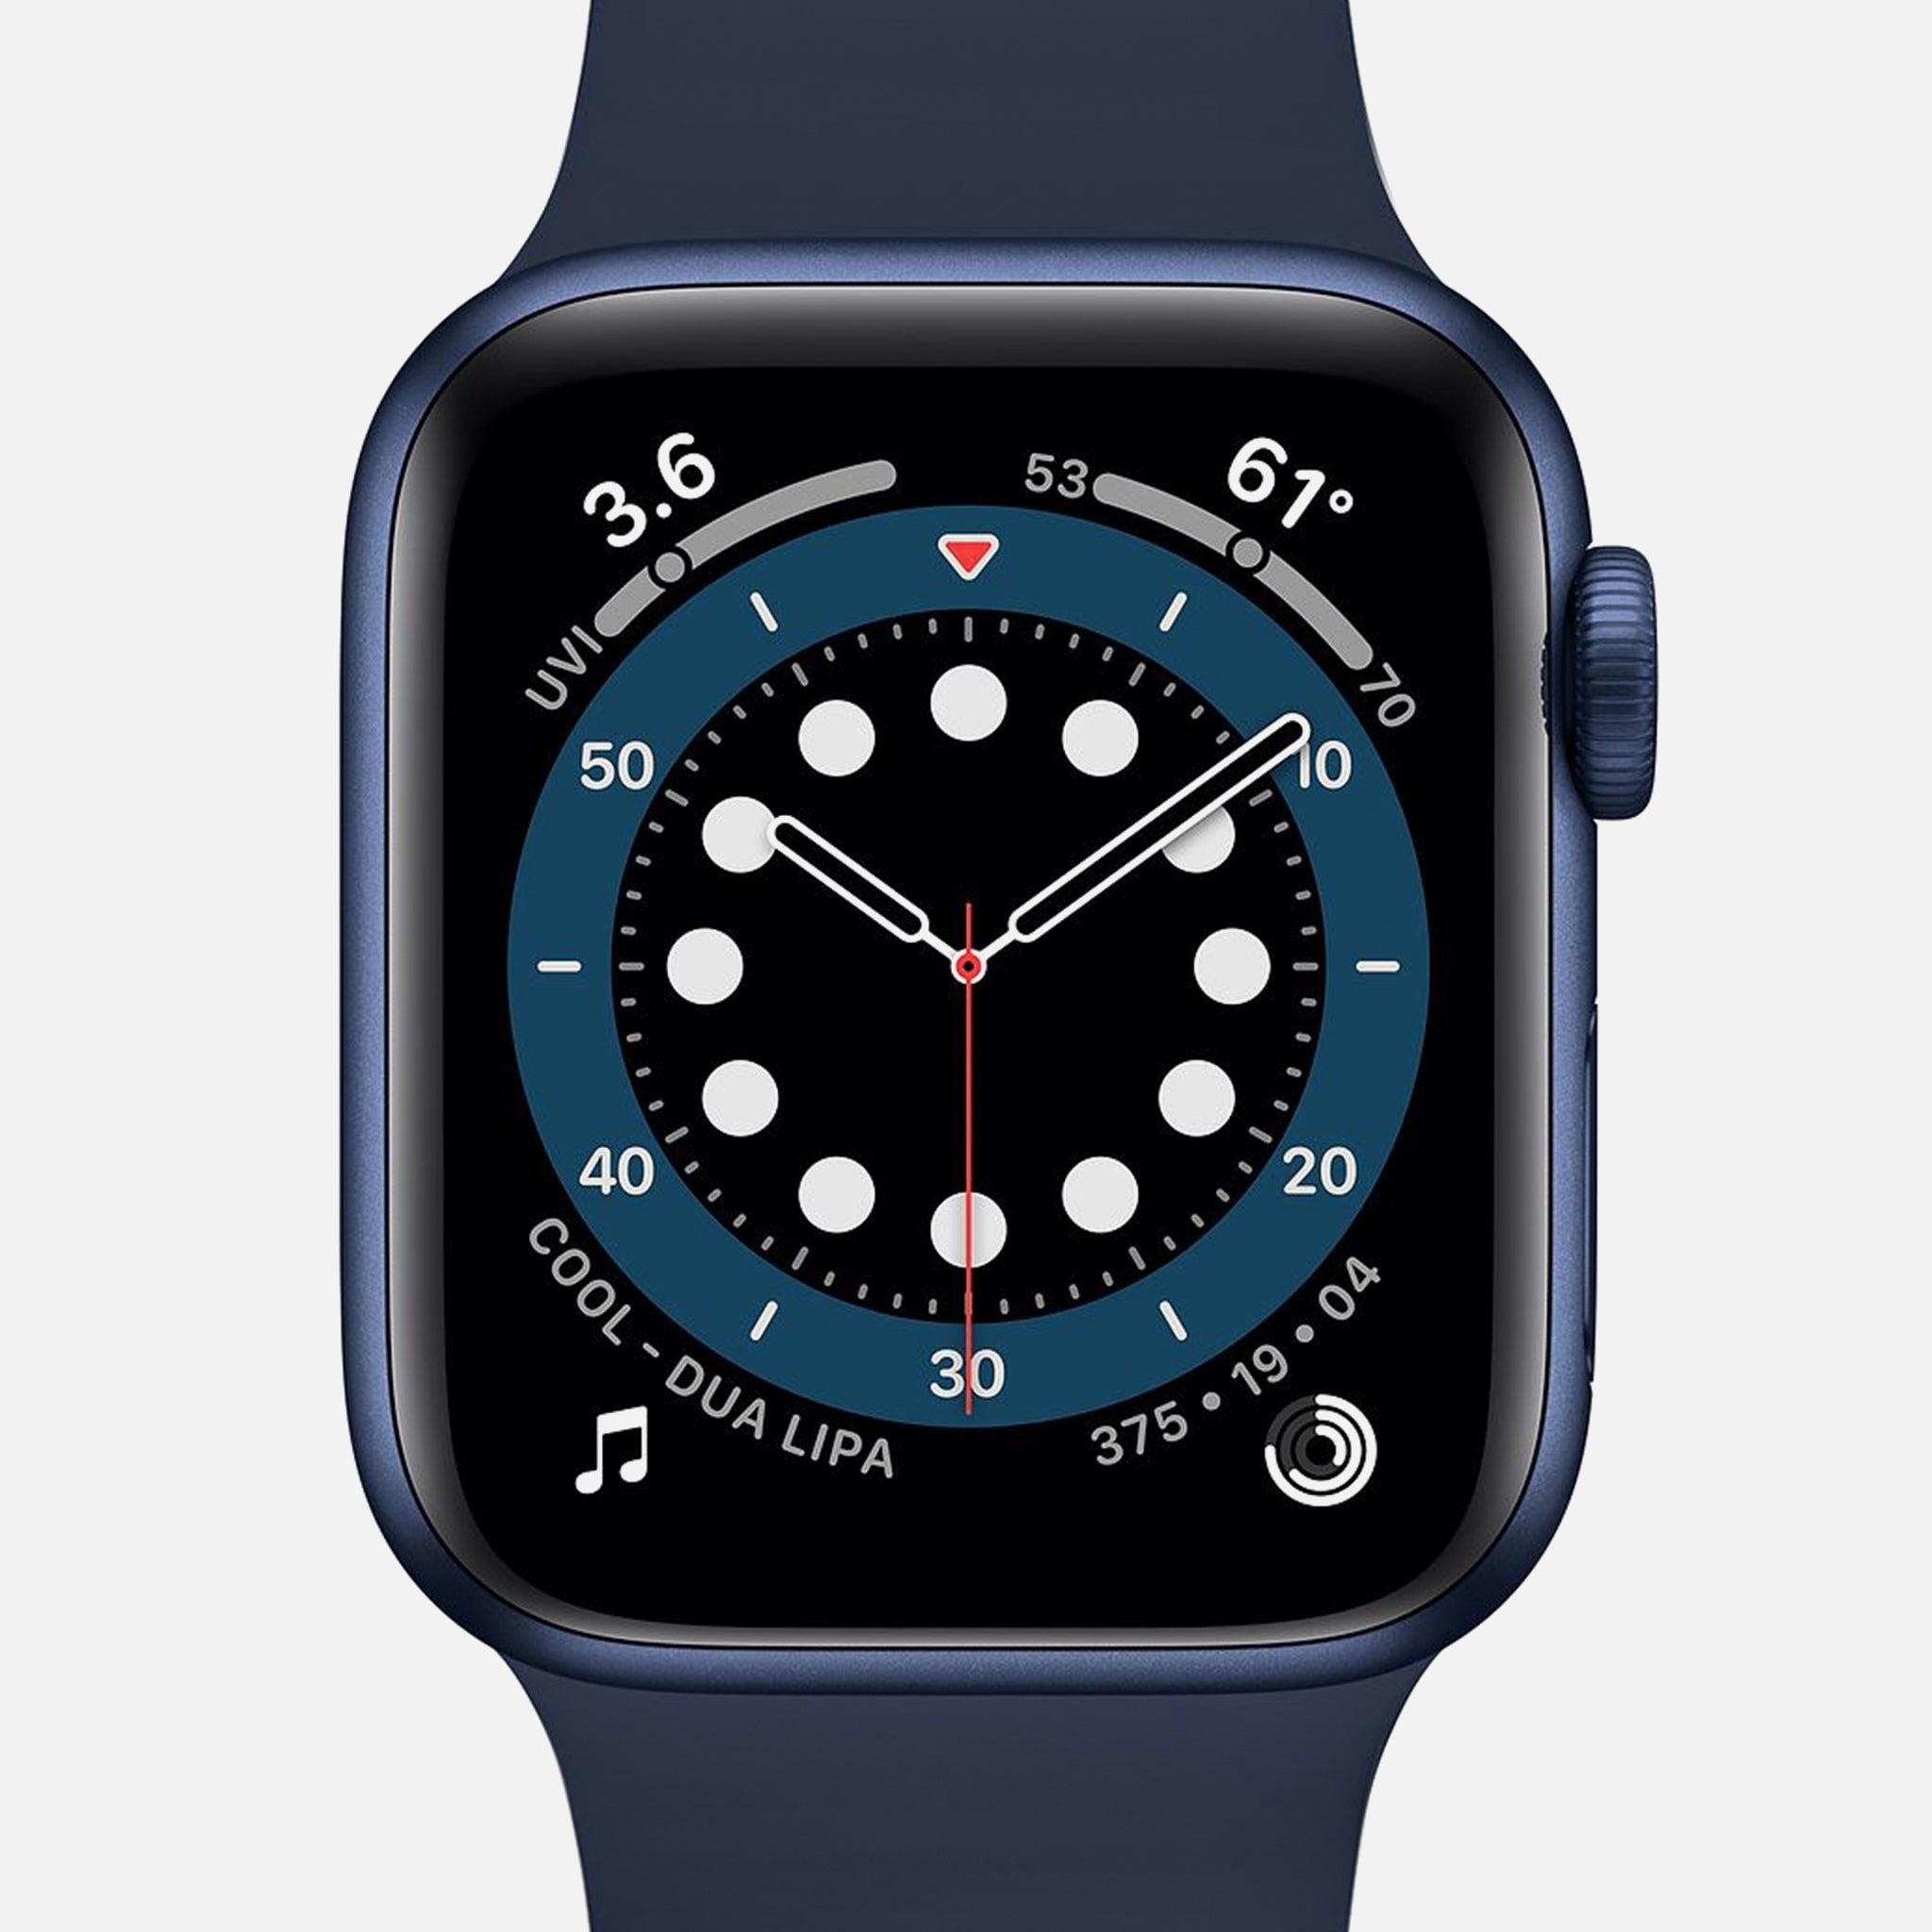 Đồng hồ Series 6 GPS + Vỏ nhôm màu xanh di động 40mm với dây đeo thể thao màu xanh đậm